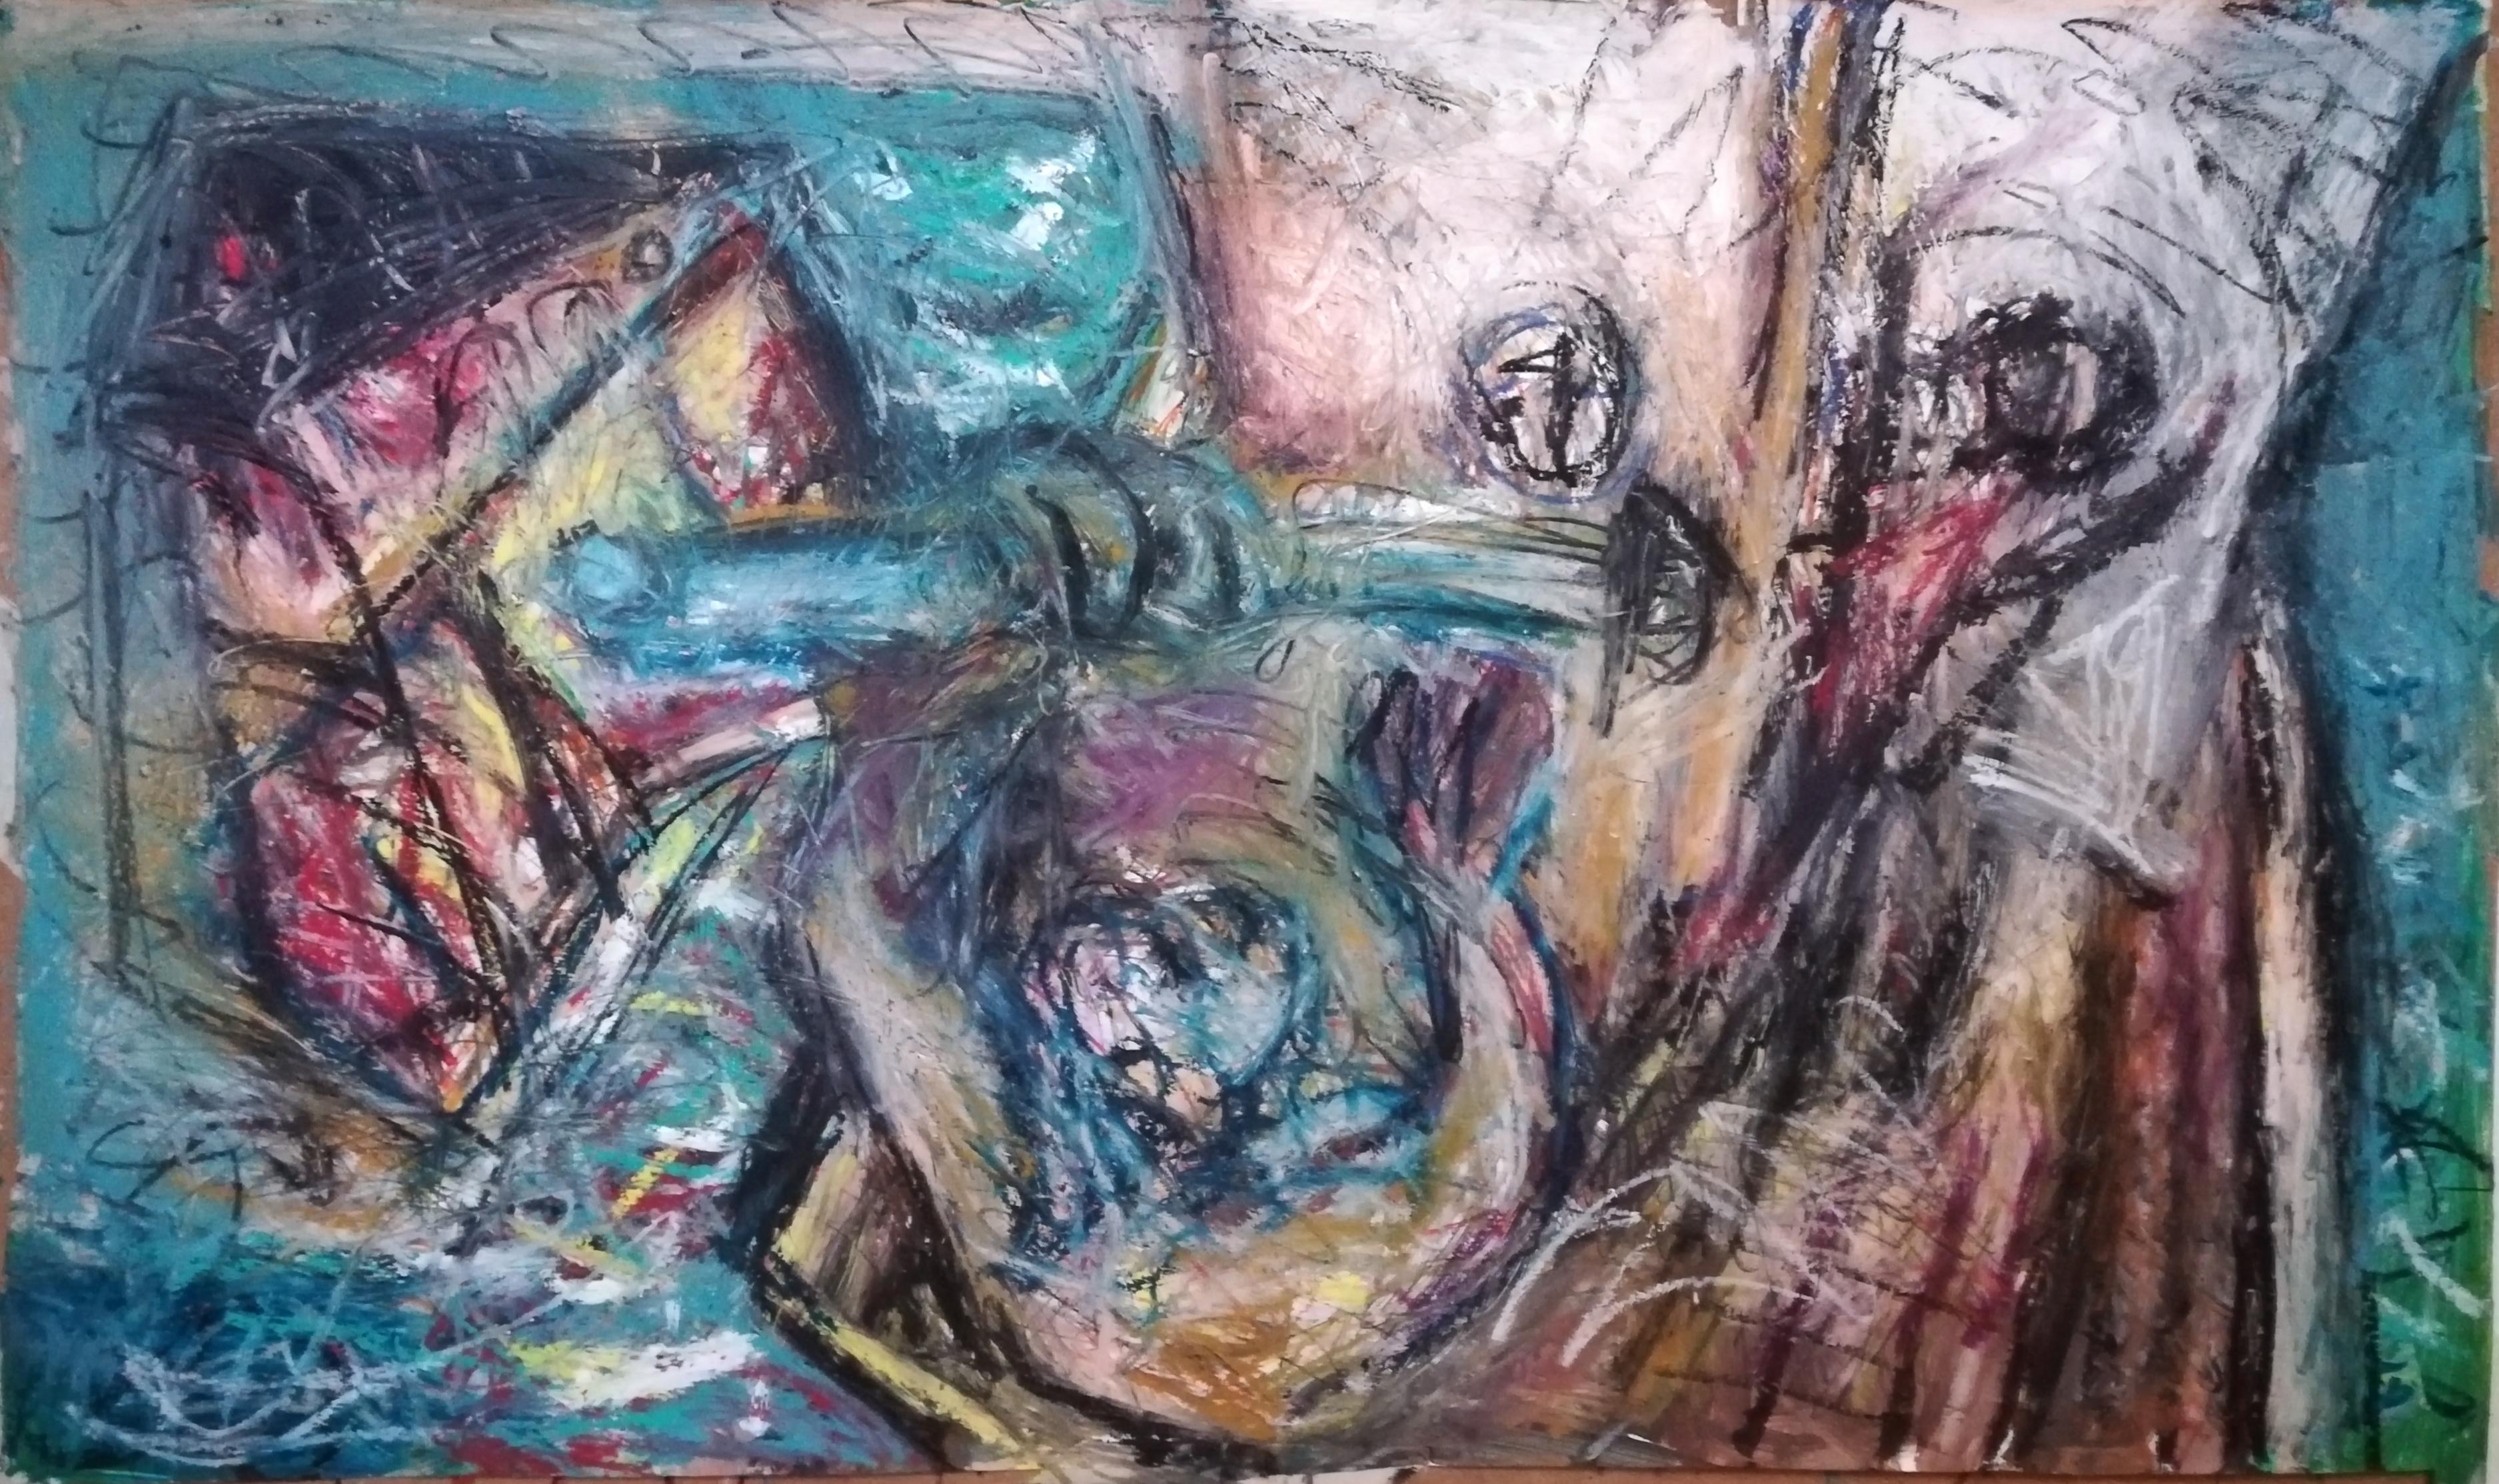 Die Schlacht bei A & O, Ölkreide/Acryl/Papier, 70x115cm